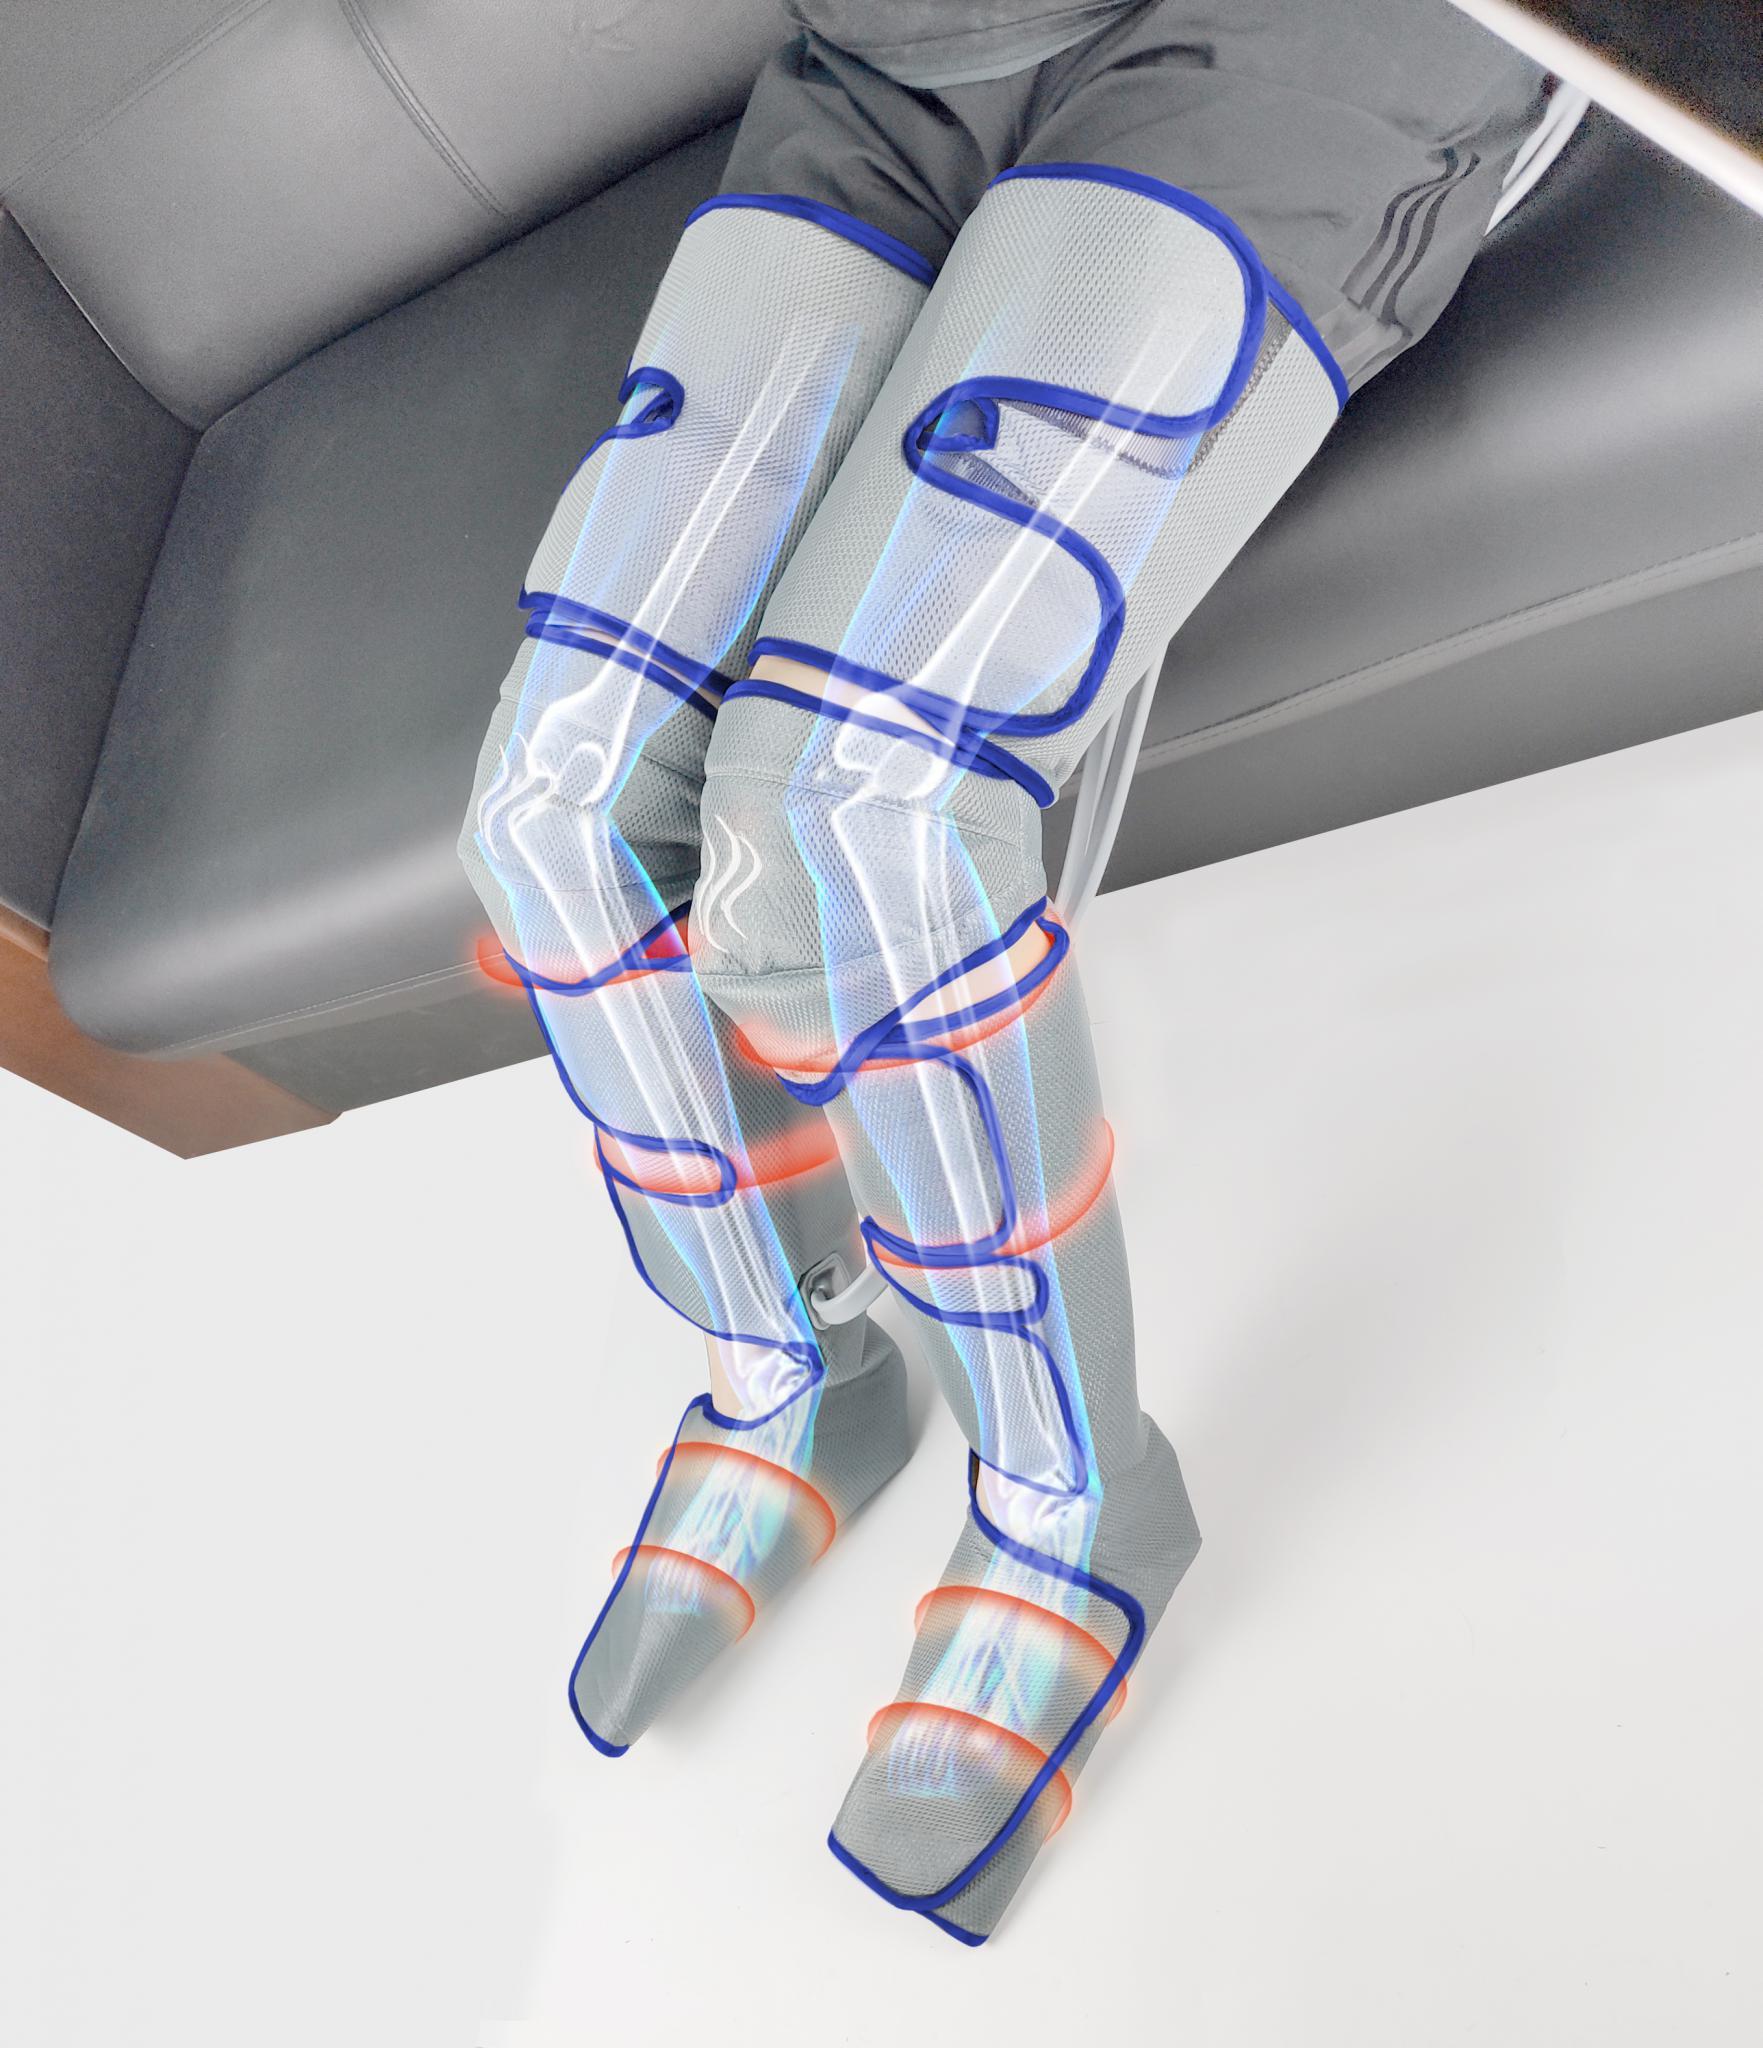 Лимфодренажный массажер планта комплекты нижнего женского белья больших размеров в